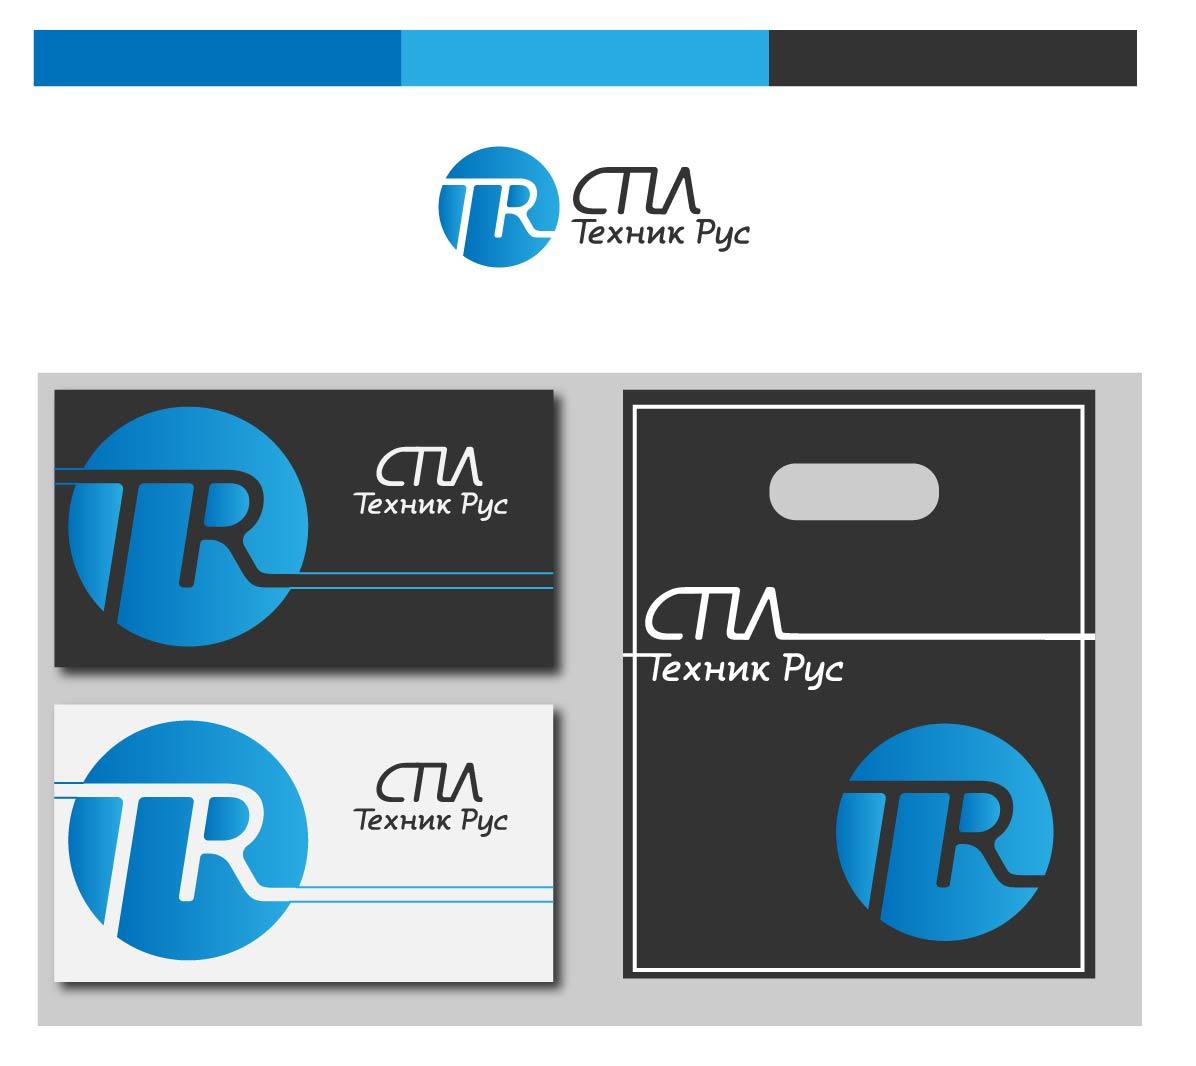 Разработка логотипа и фирменного стиля фото f_09959b00dfe4834c.jpg